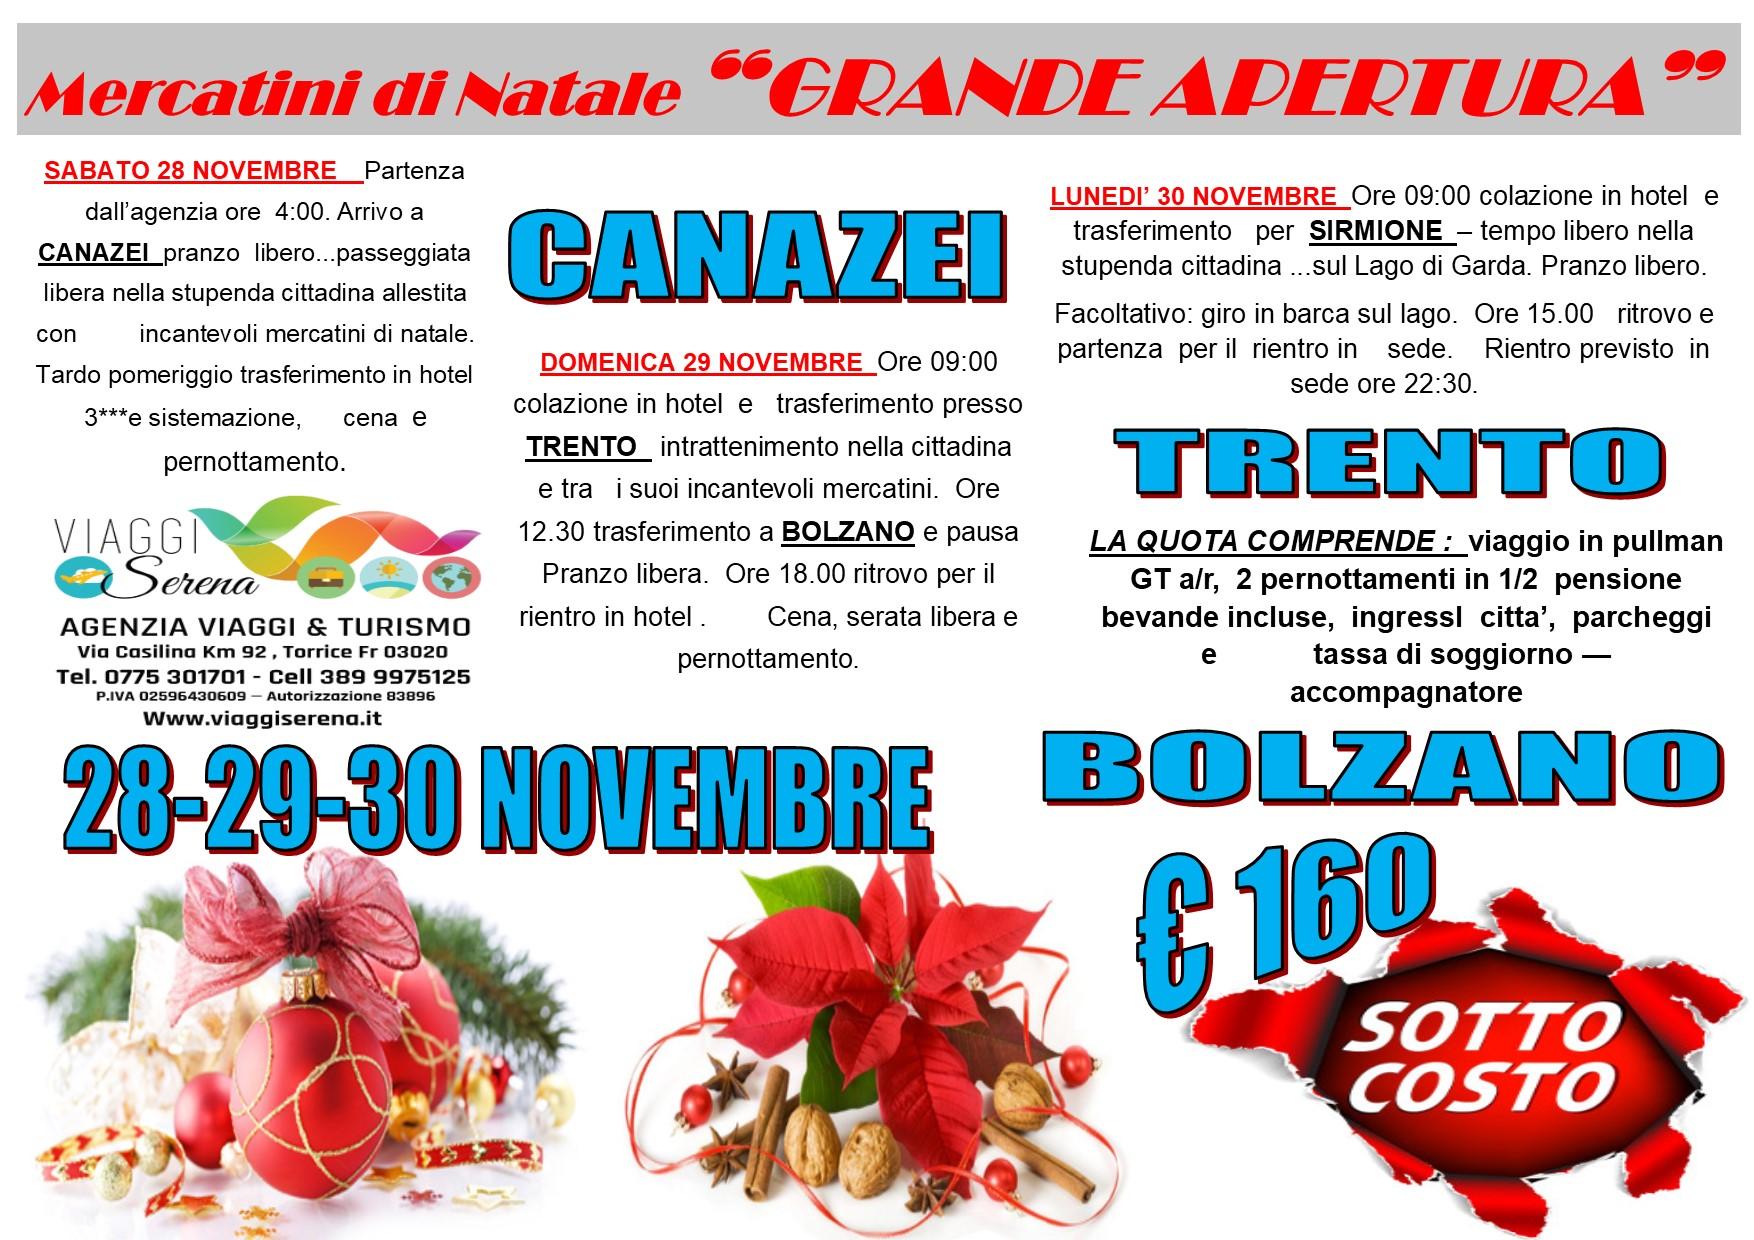 Viaggi di Natale:  Canazei, Bolzano & Trento 28-29-30 Novembre  € 160,00